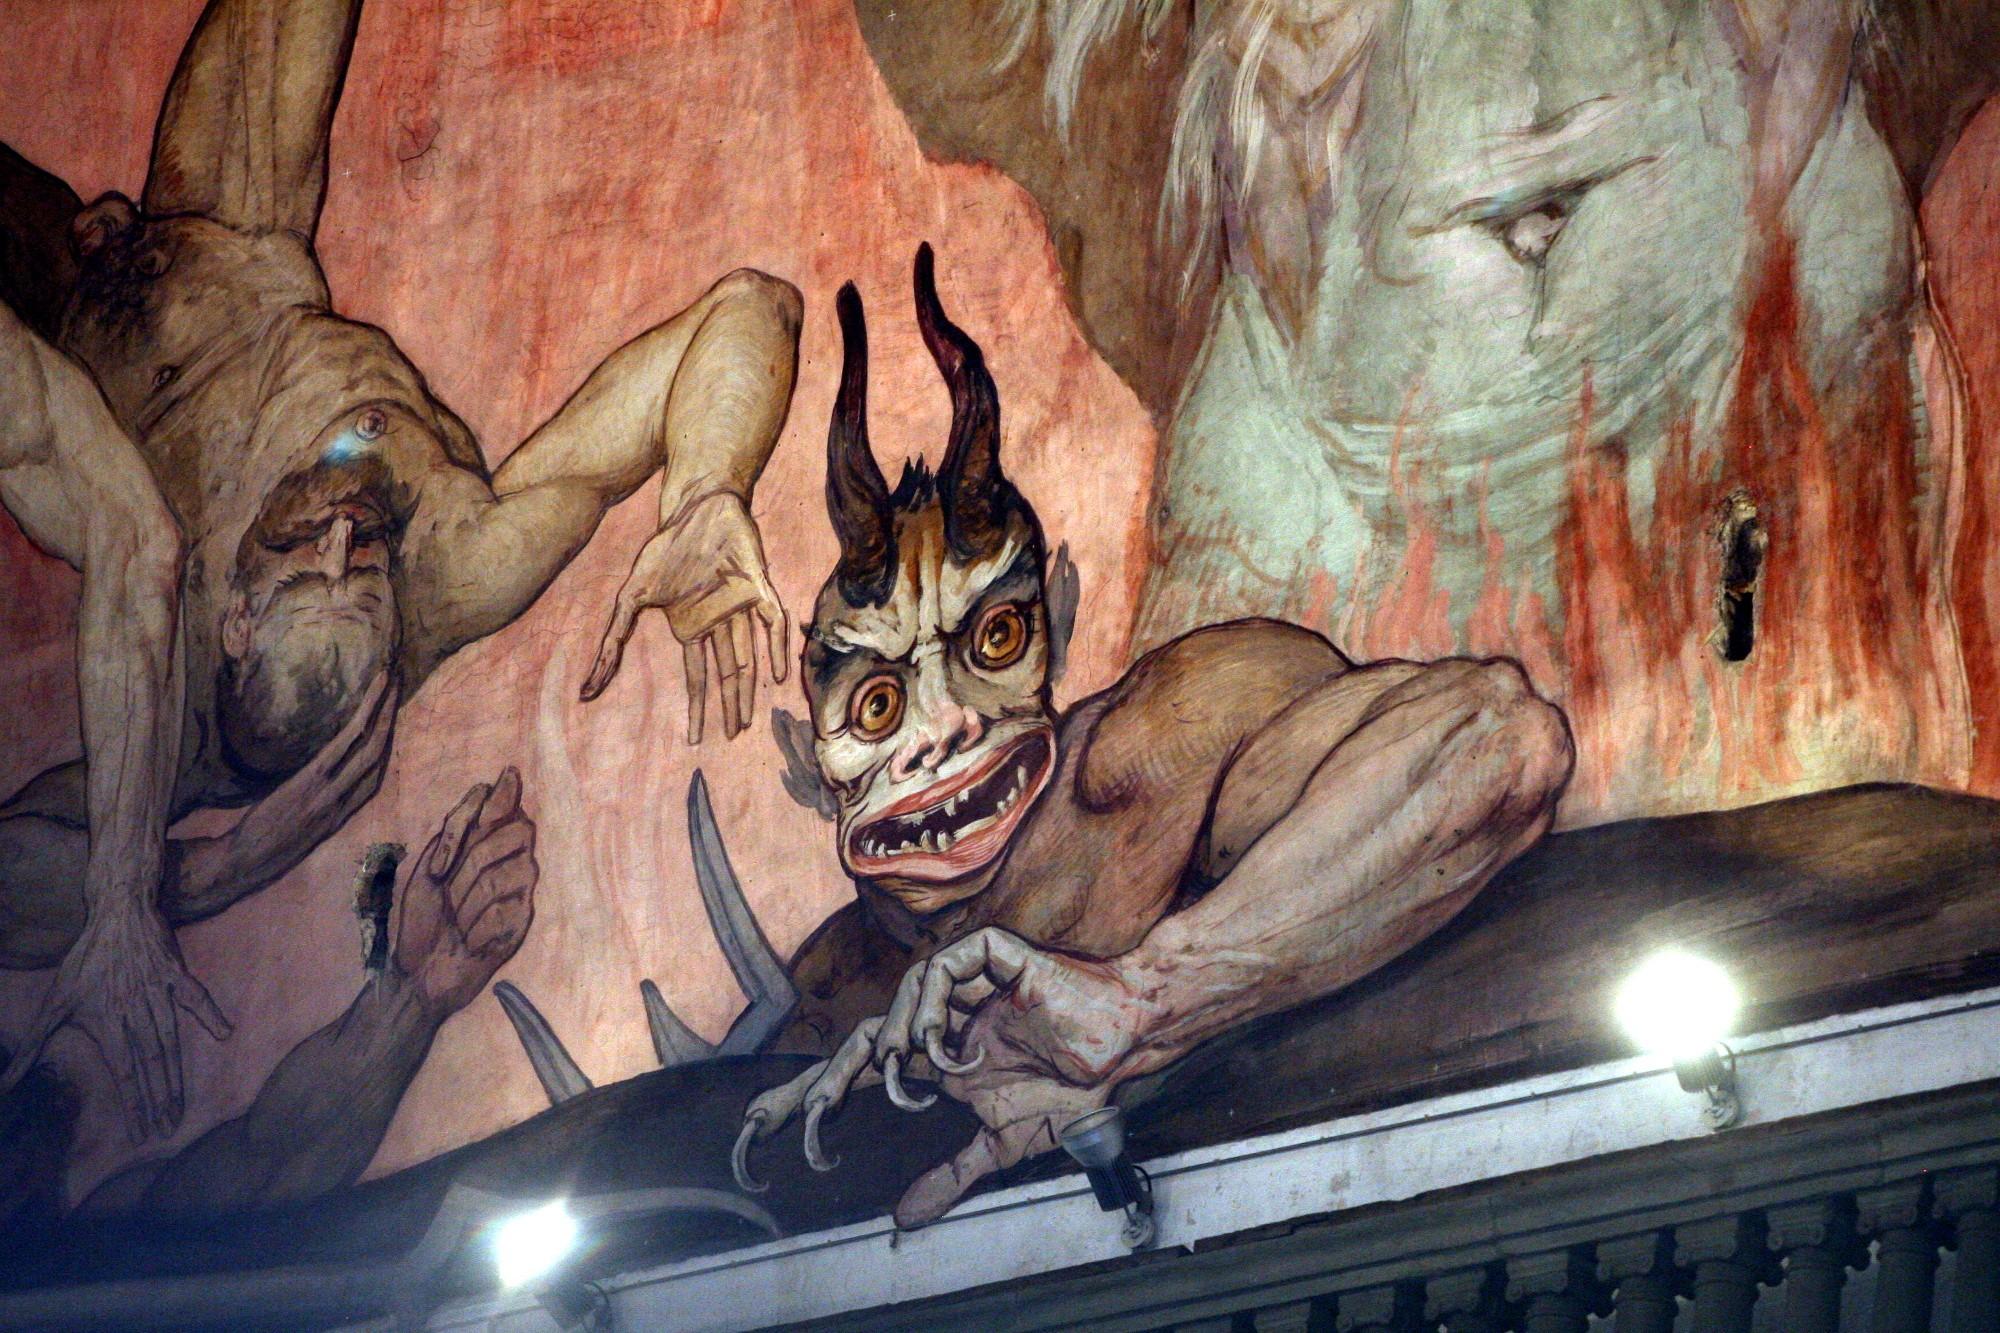 Кто попадет в ад иоанн богослов